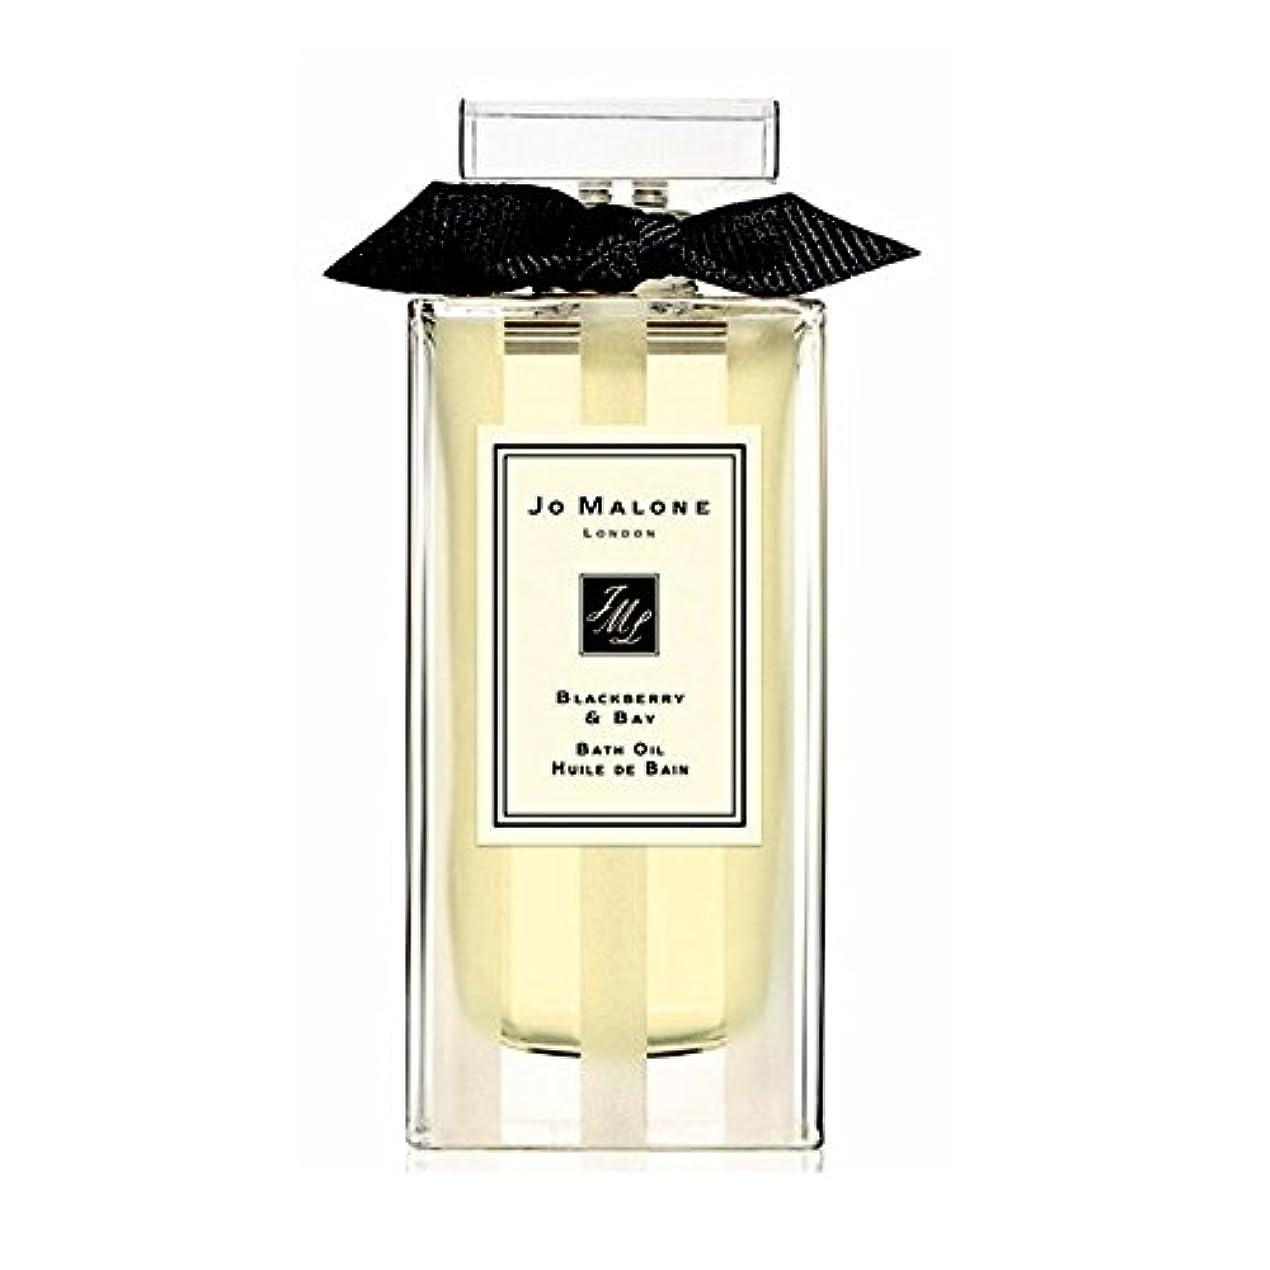 ビジュアル剃る料理Jo Maloneジョーマローン, バスオイル -  ブラックベリー&ベイ(30ml)  'Blackberry & Bay ' Bath Oil (1oz) [海外直送品] [並行輸入品]